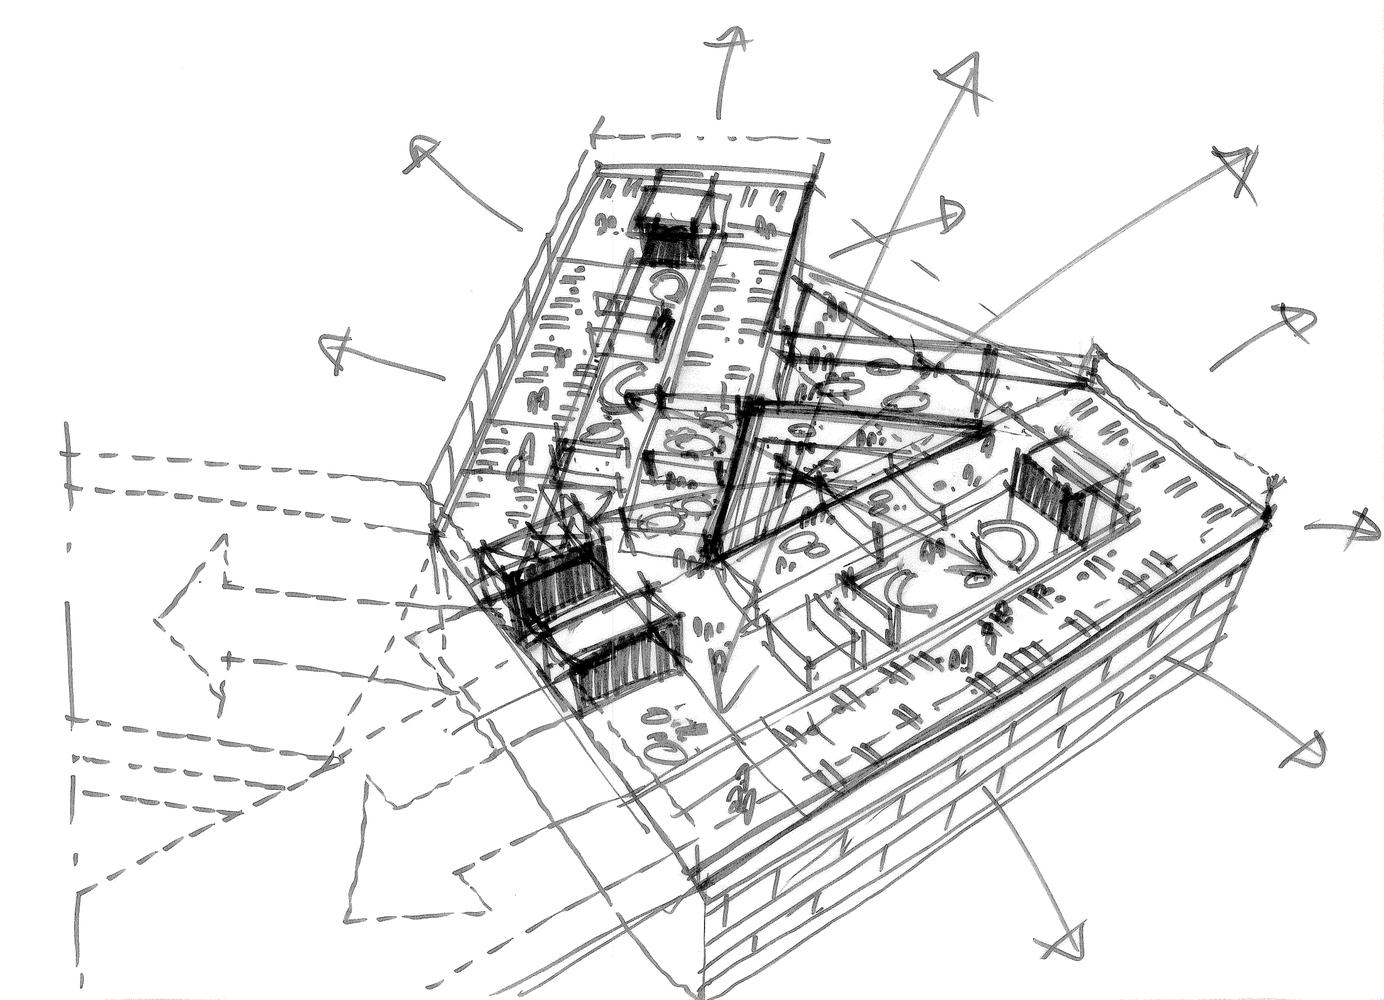 DIAGRAM] 50cc Cy50 A Wiring Diagram FULL Version HD Quality Wiring Diagram  - DIAGRAMMERS.GSXBOOKING.ITdiagrammers.gsxbooking.it